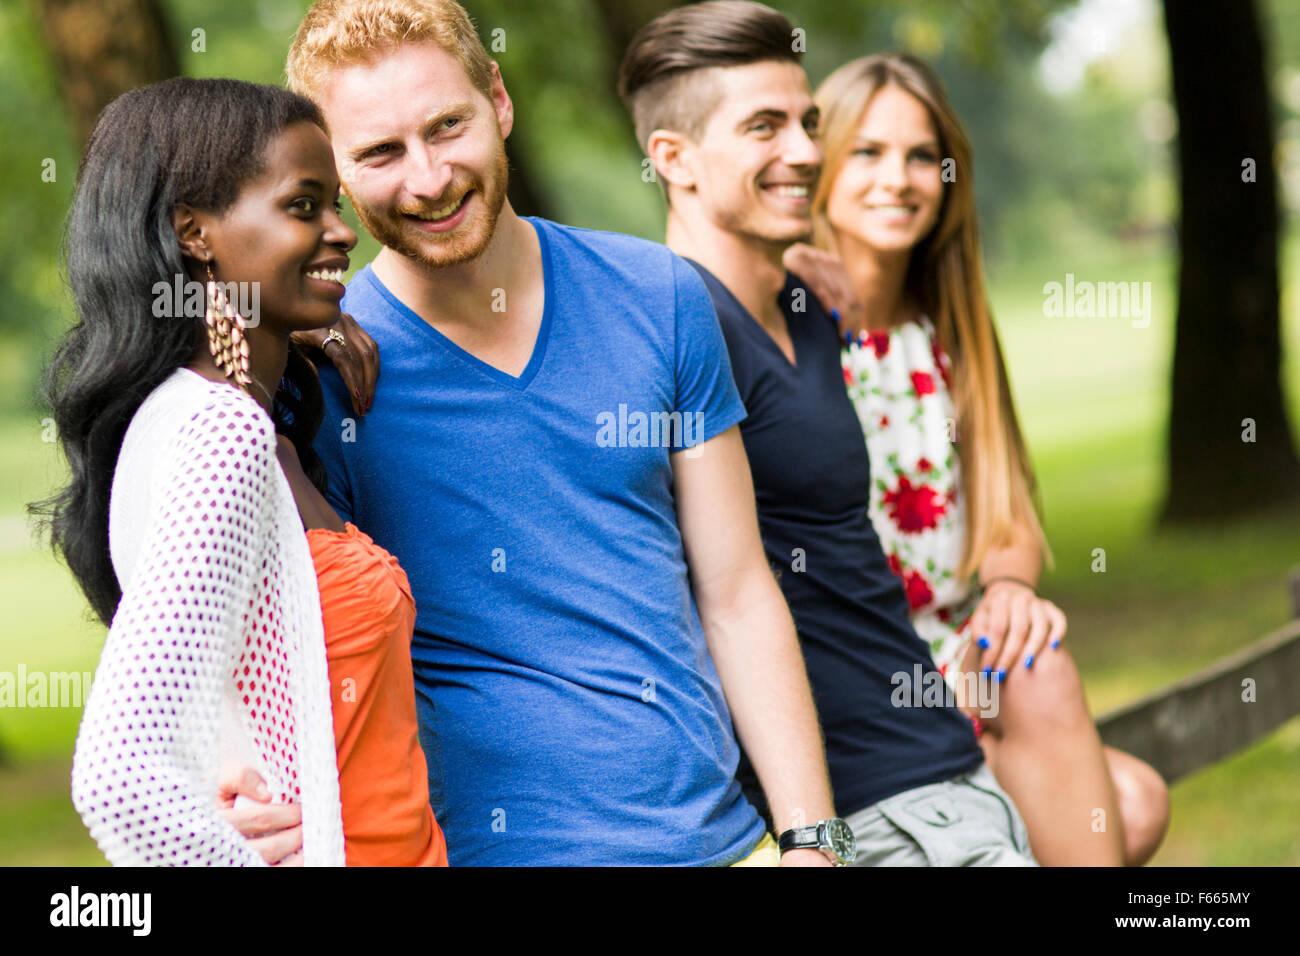 Grupo de jóvenes felices en verano Imagen De Stock